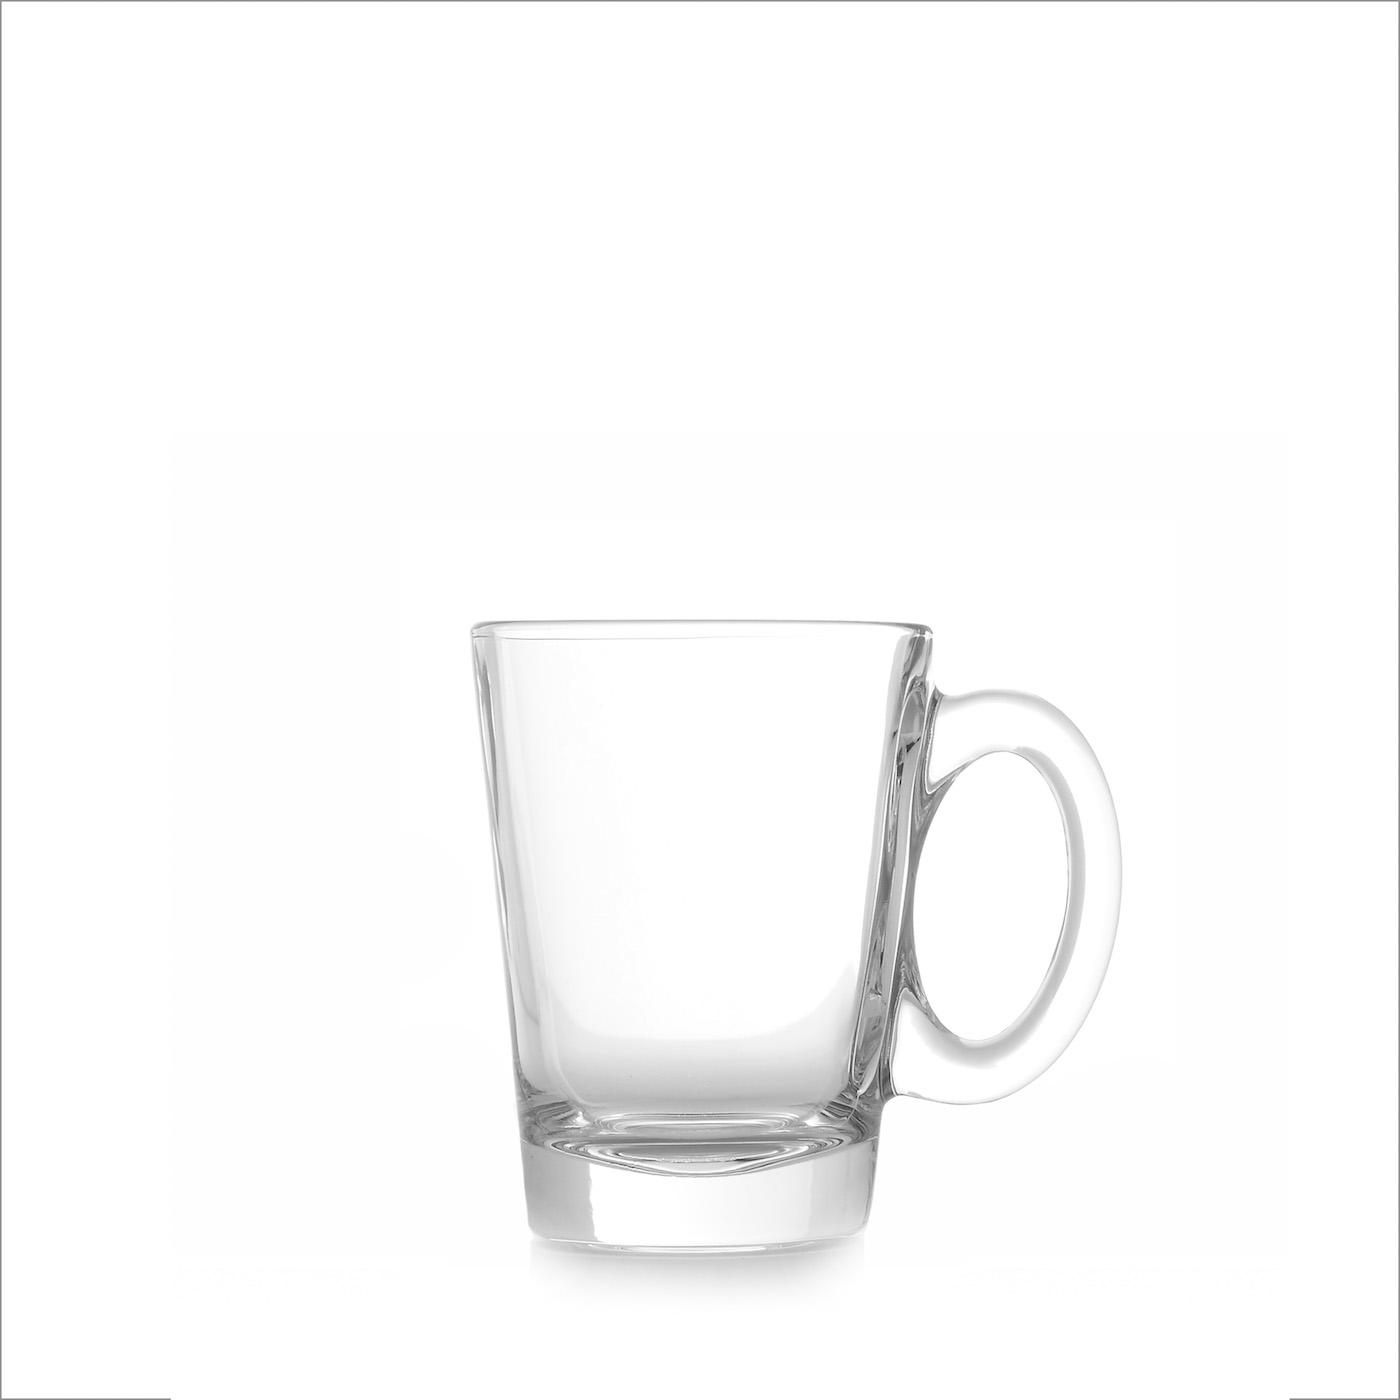 Taza té /café premium